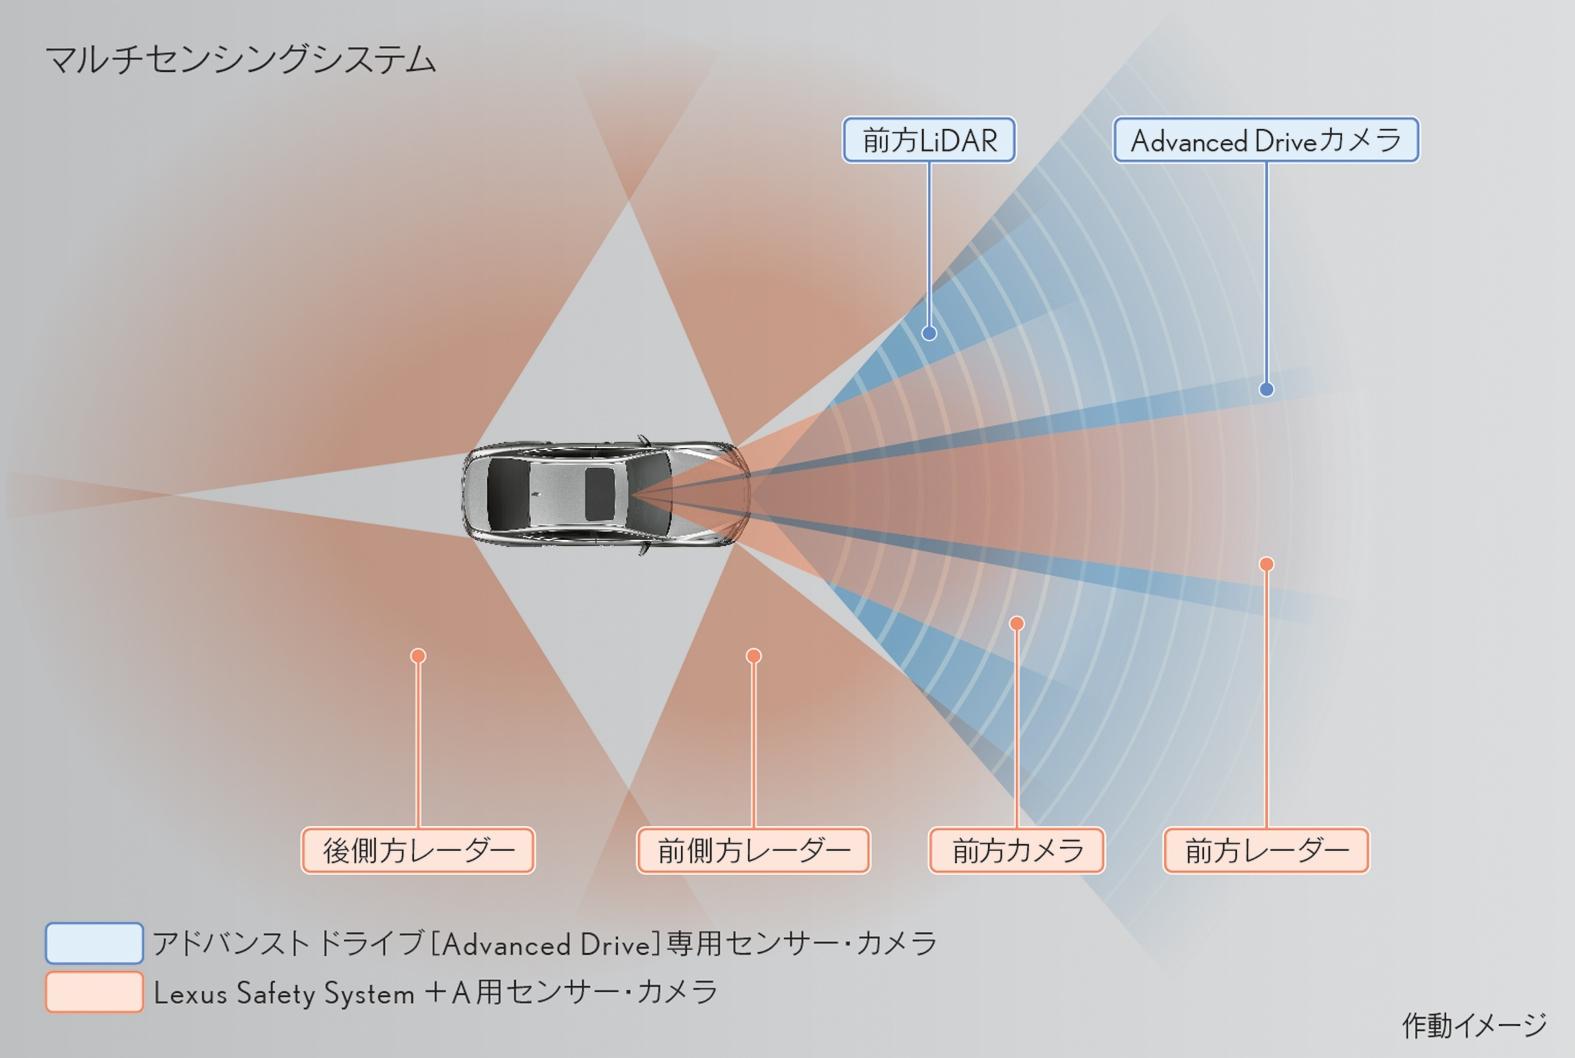 前方LiDARを搭載 (出所:トヨタ)